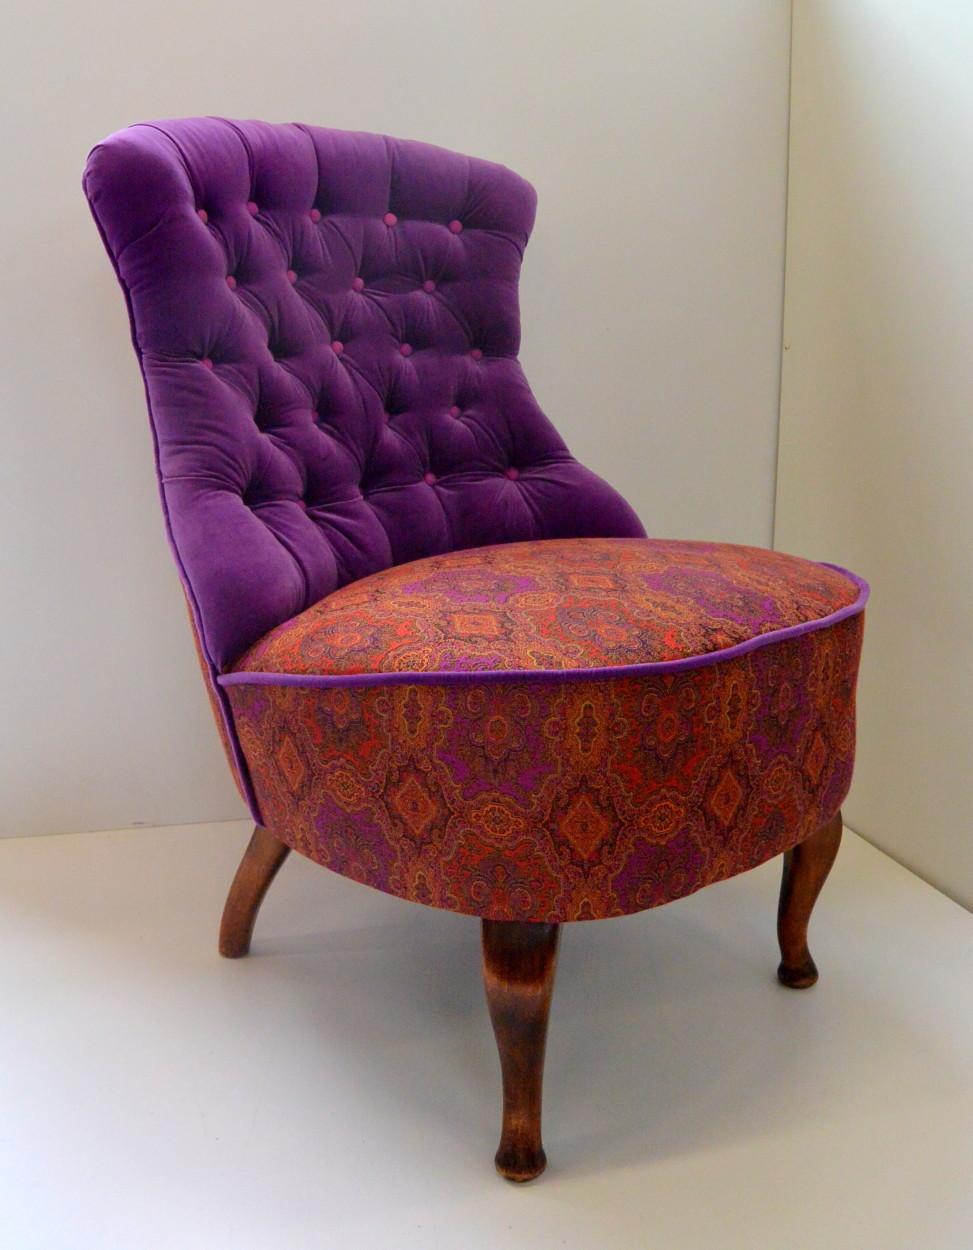 Fotel stylizowany, włoskie materiały, 1800zł